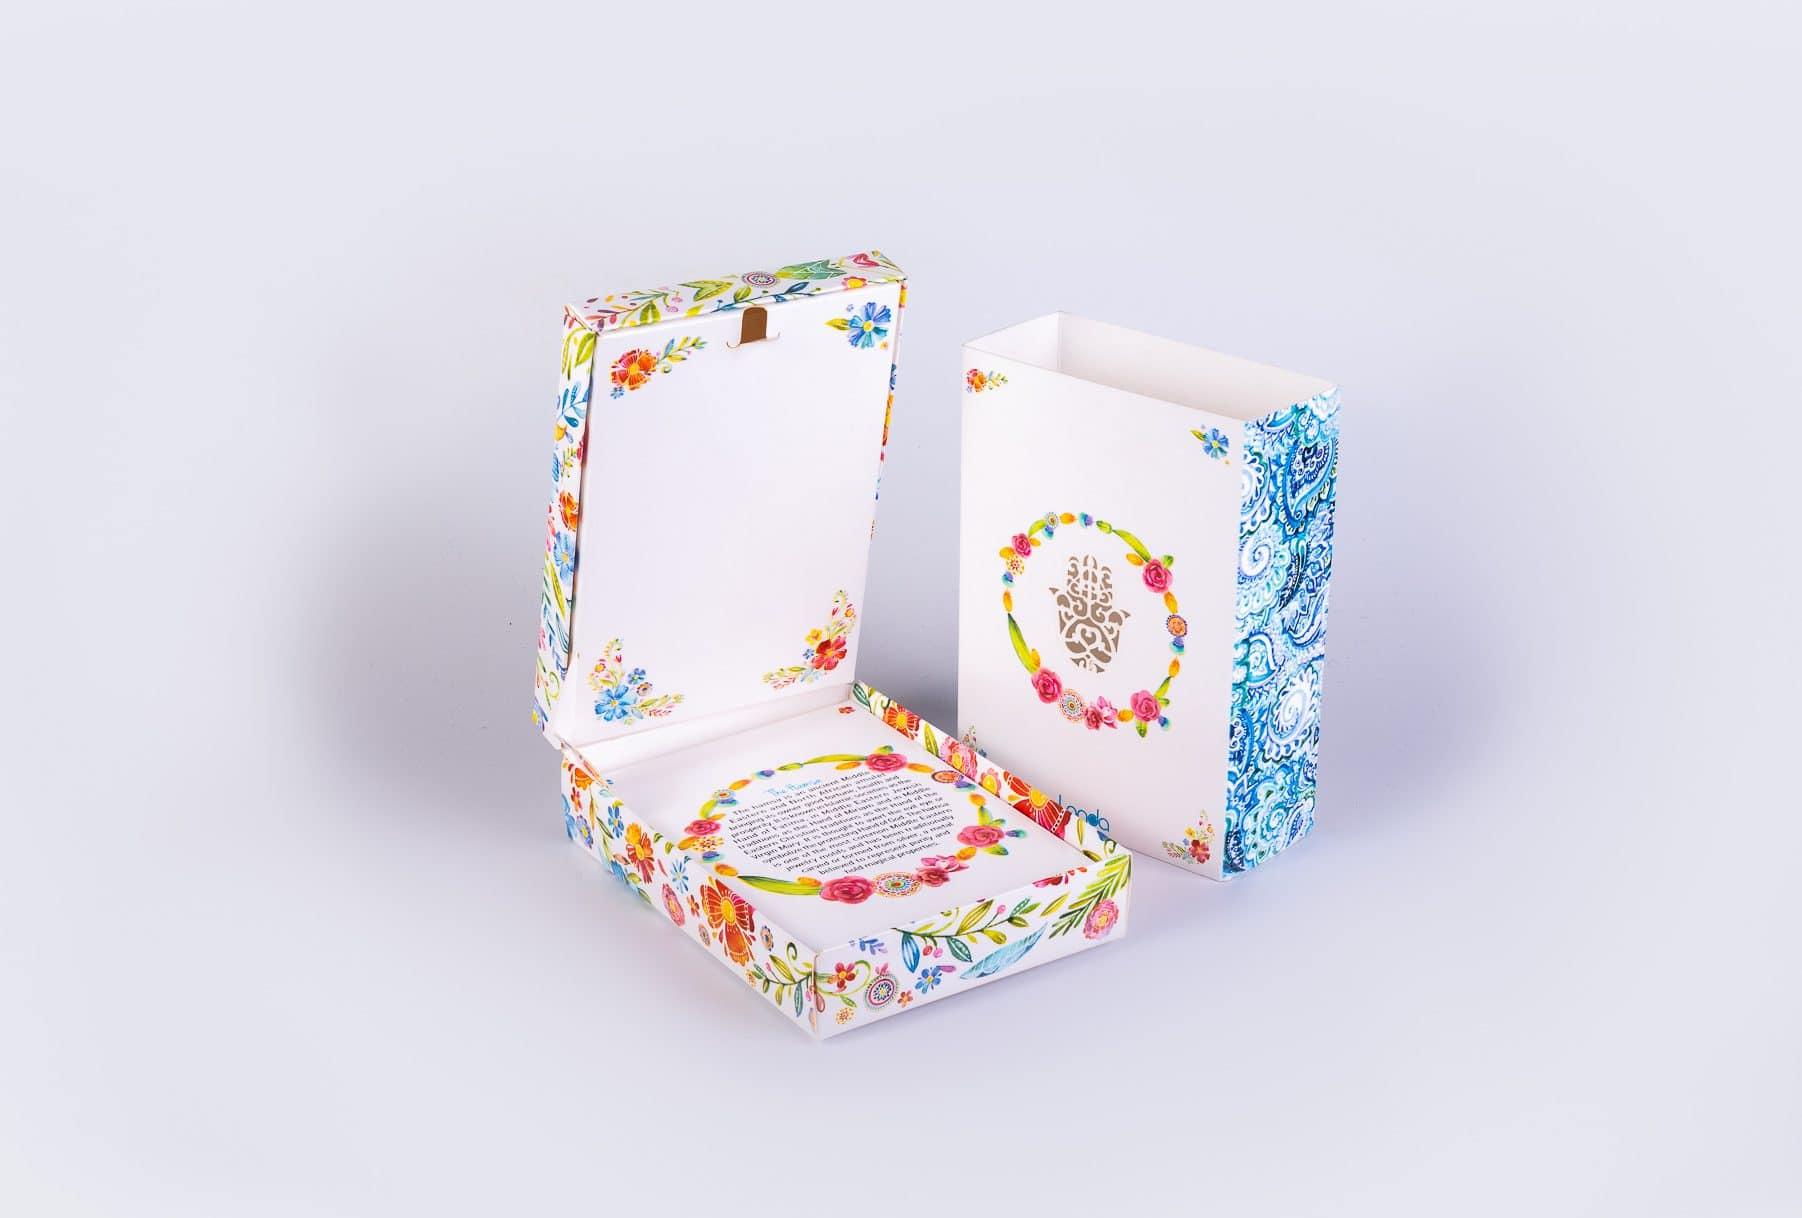 הדפסת אריזות מתנה ייחודיות לאירועים וחגים